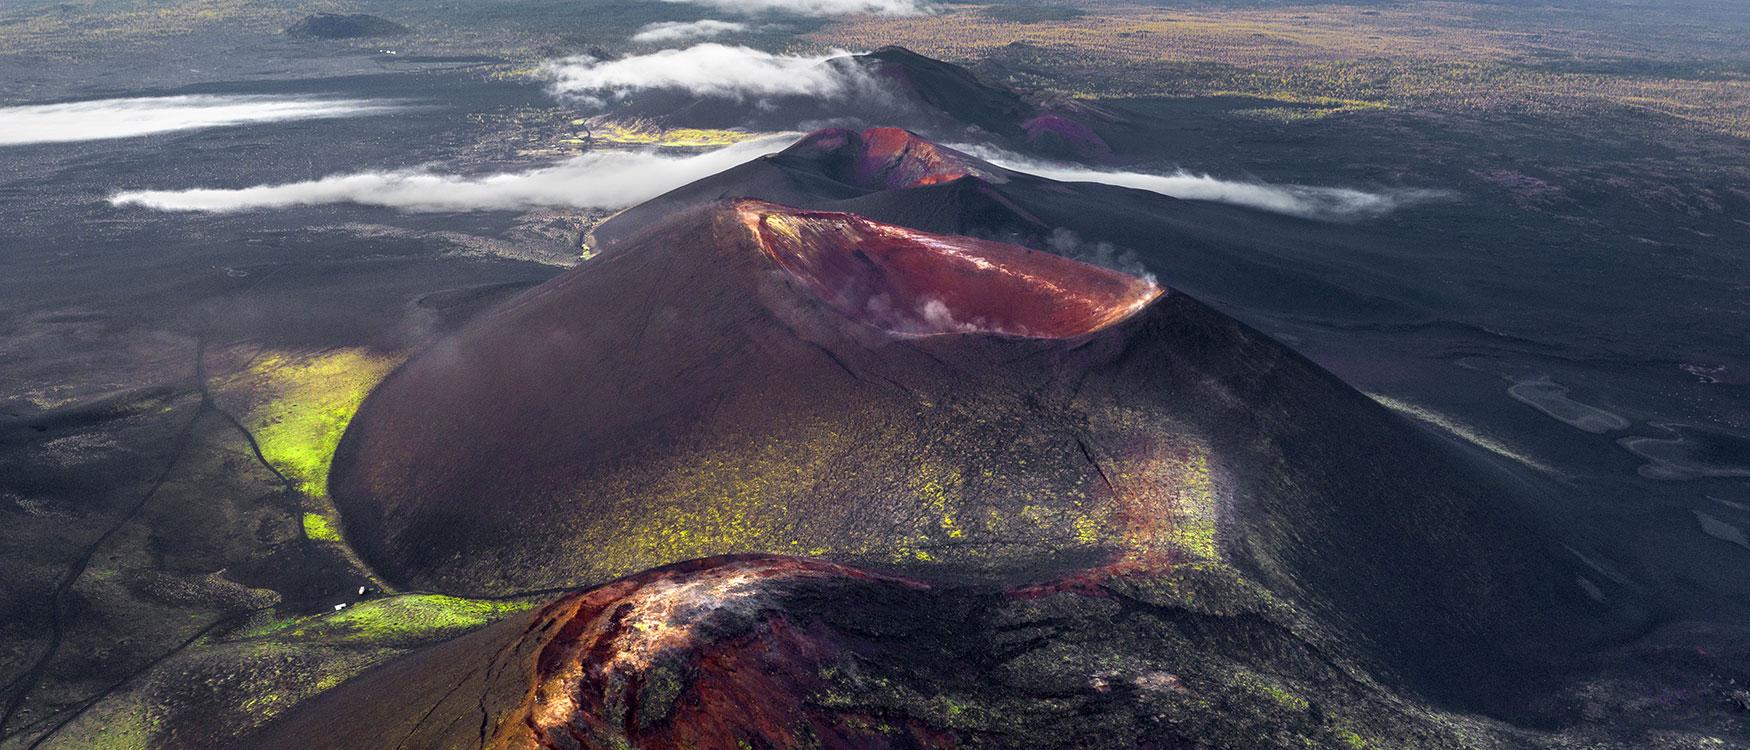 Krater Vulkane Kamtschatka